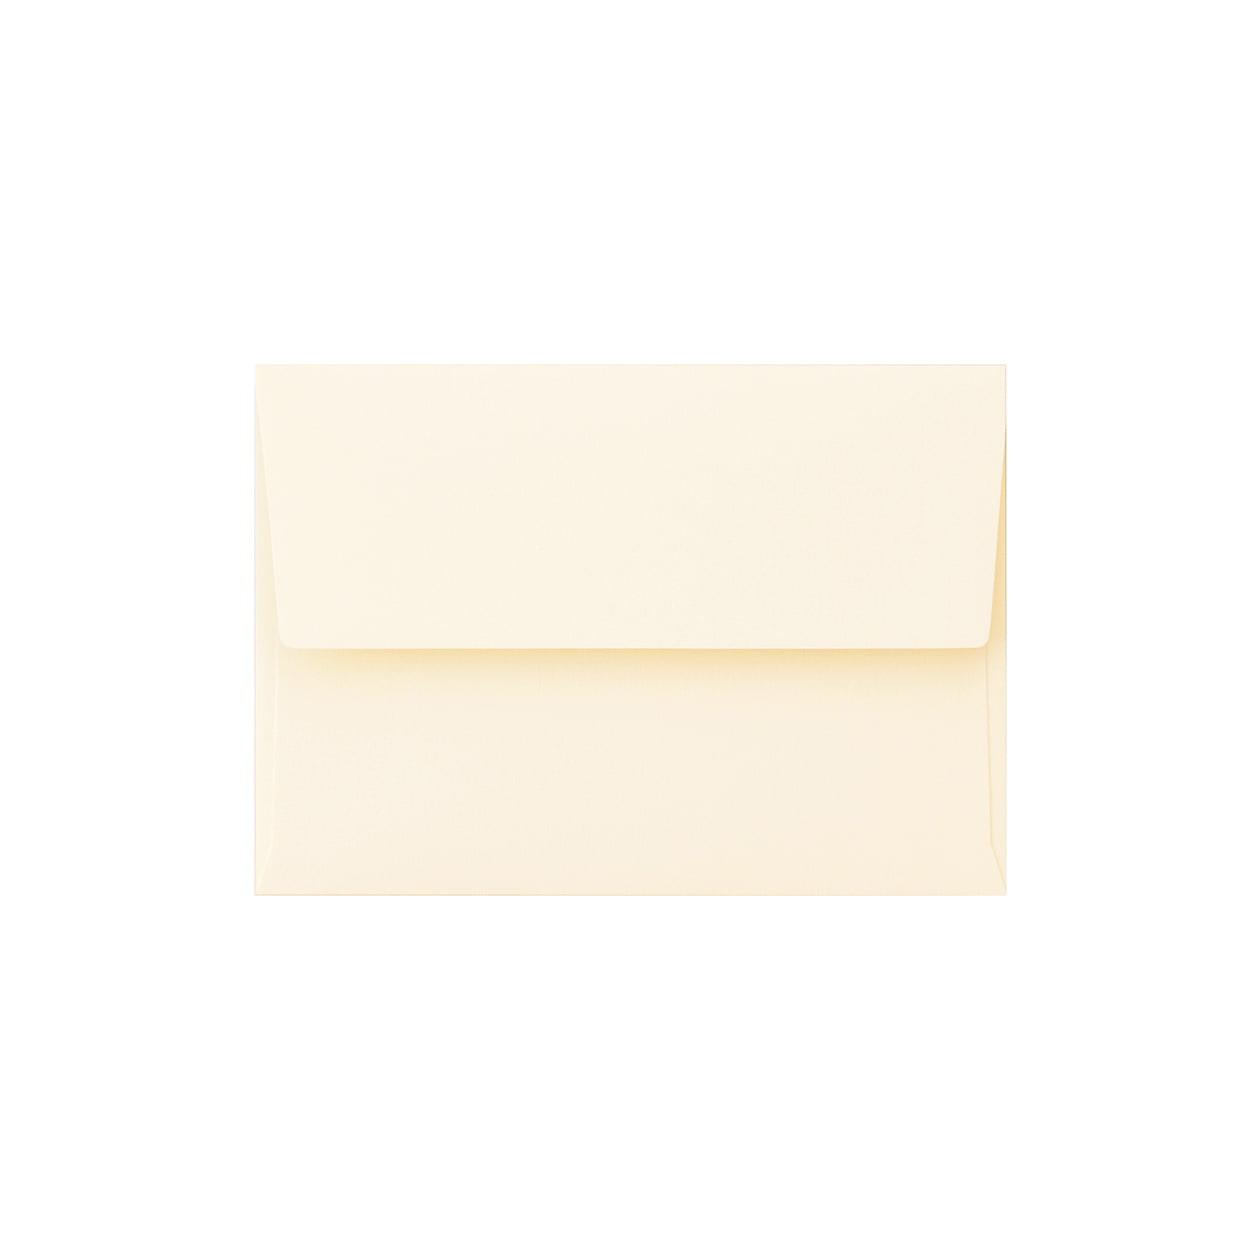 C7カマス封筒 コットン ナチュラル 116.3g